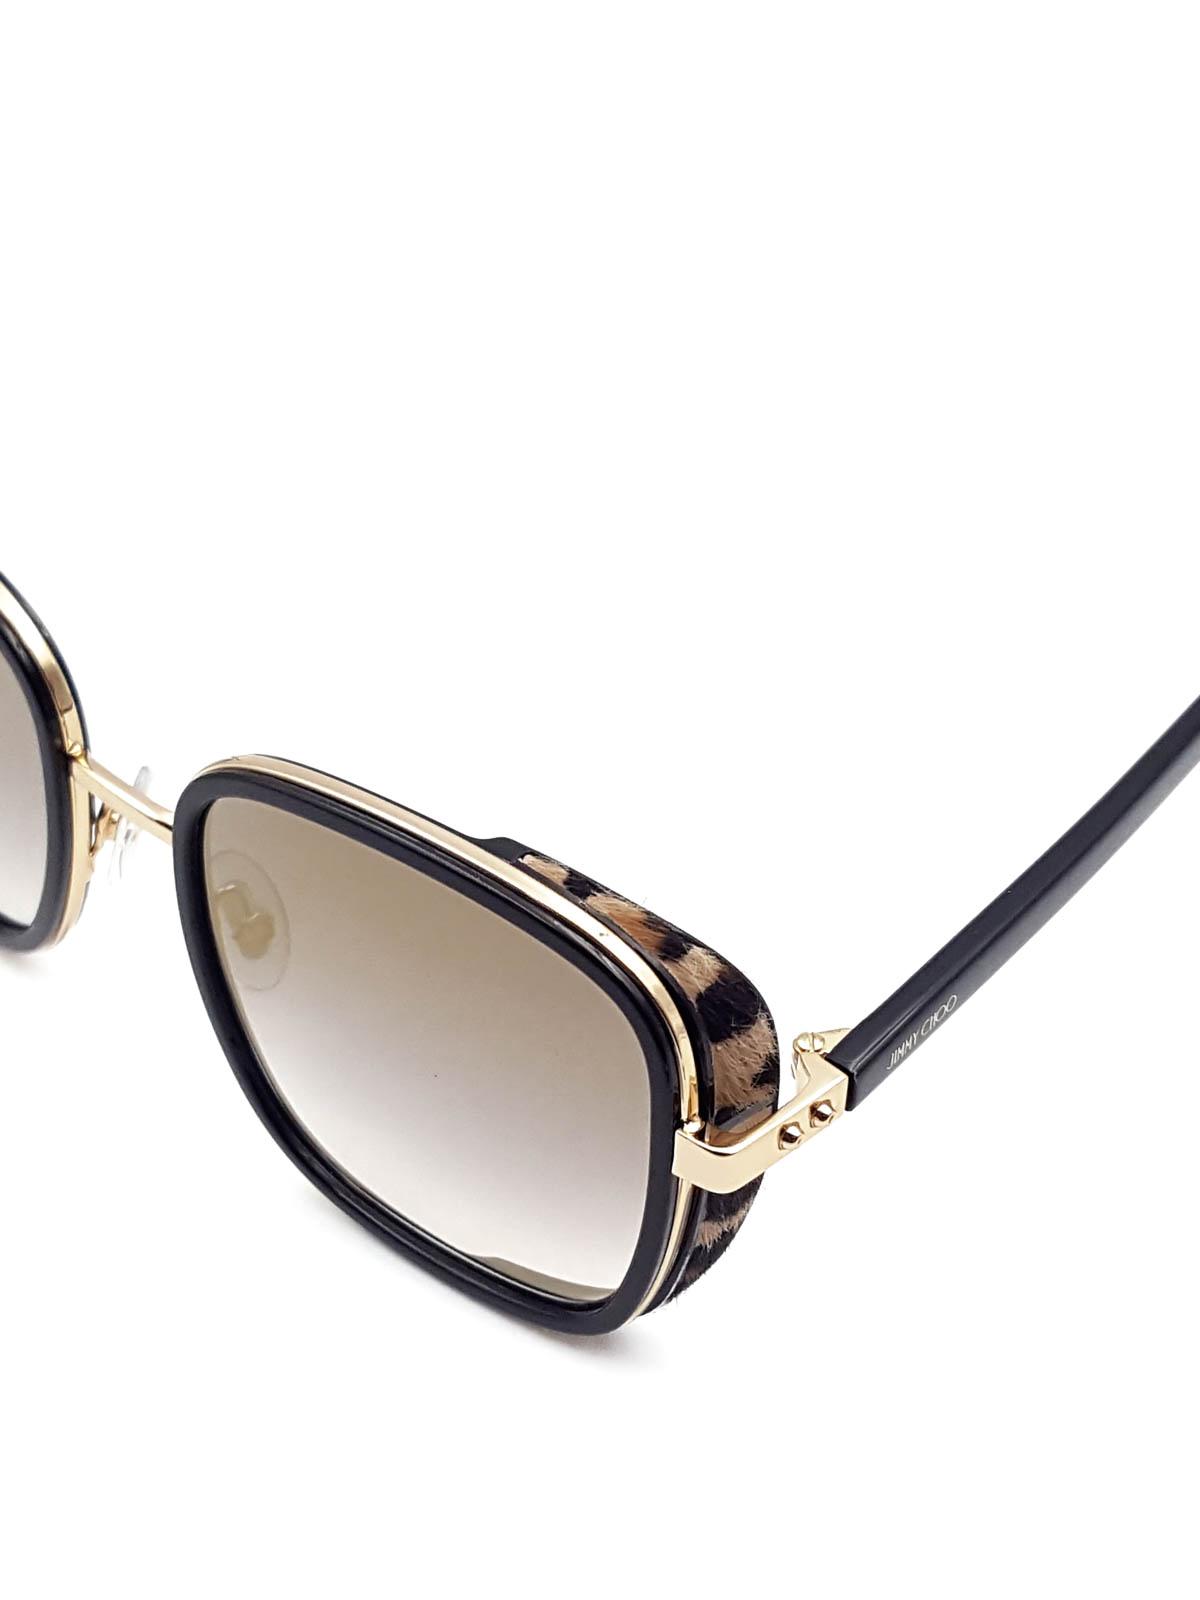 e0543f1ea2a Jimmy Choo - Elva sunglasses - sunglasses - ELVAFP3